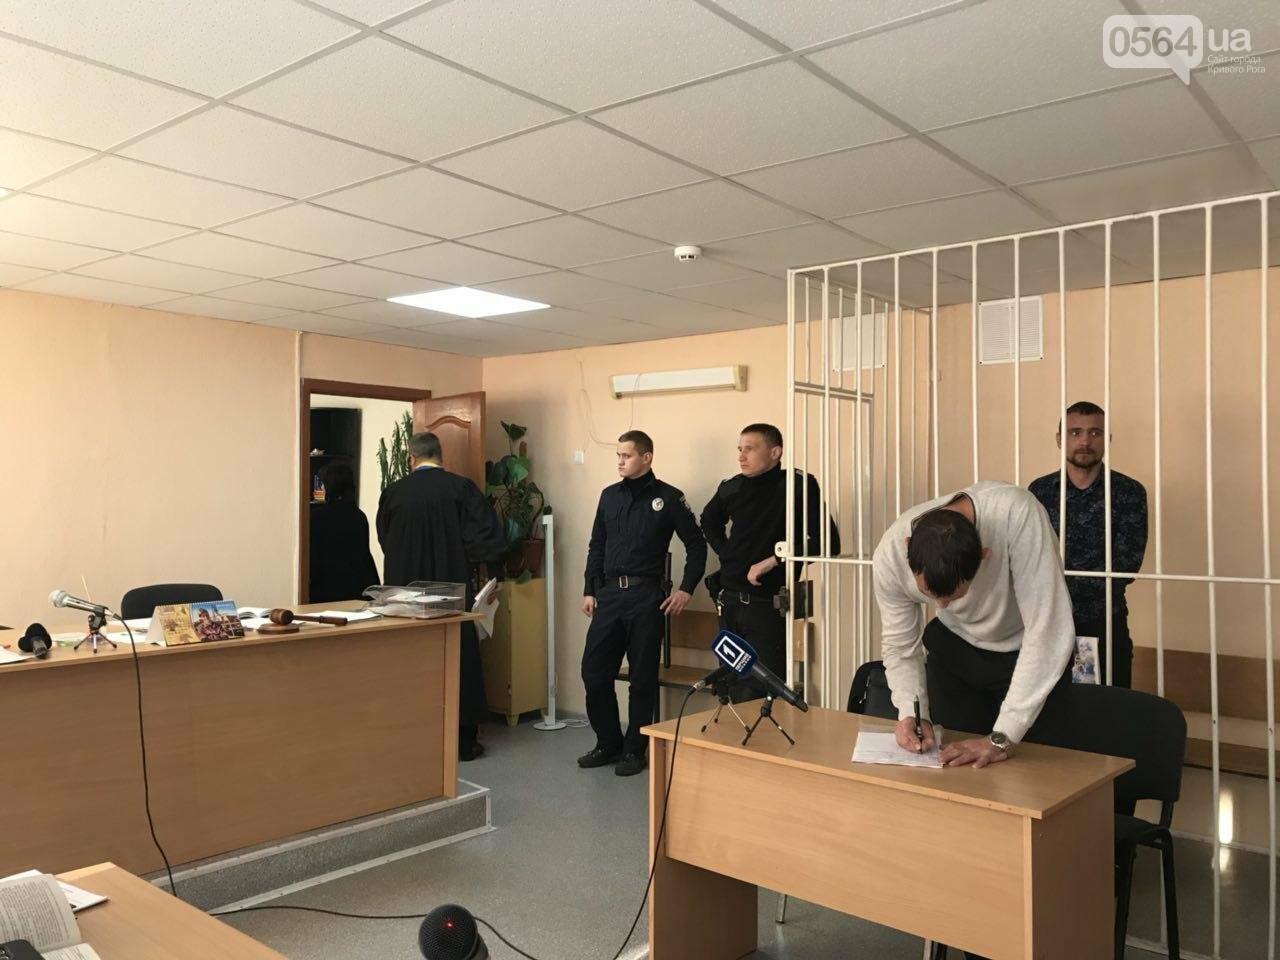 Суд над криворожским маньяком будет проходить в закрытом режиме, - ФОТО , фото-1